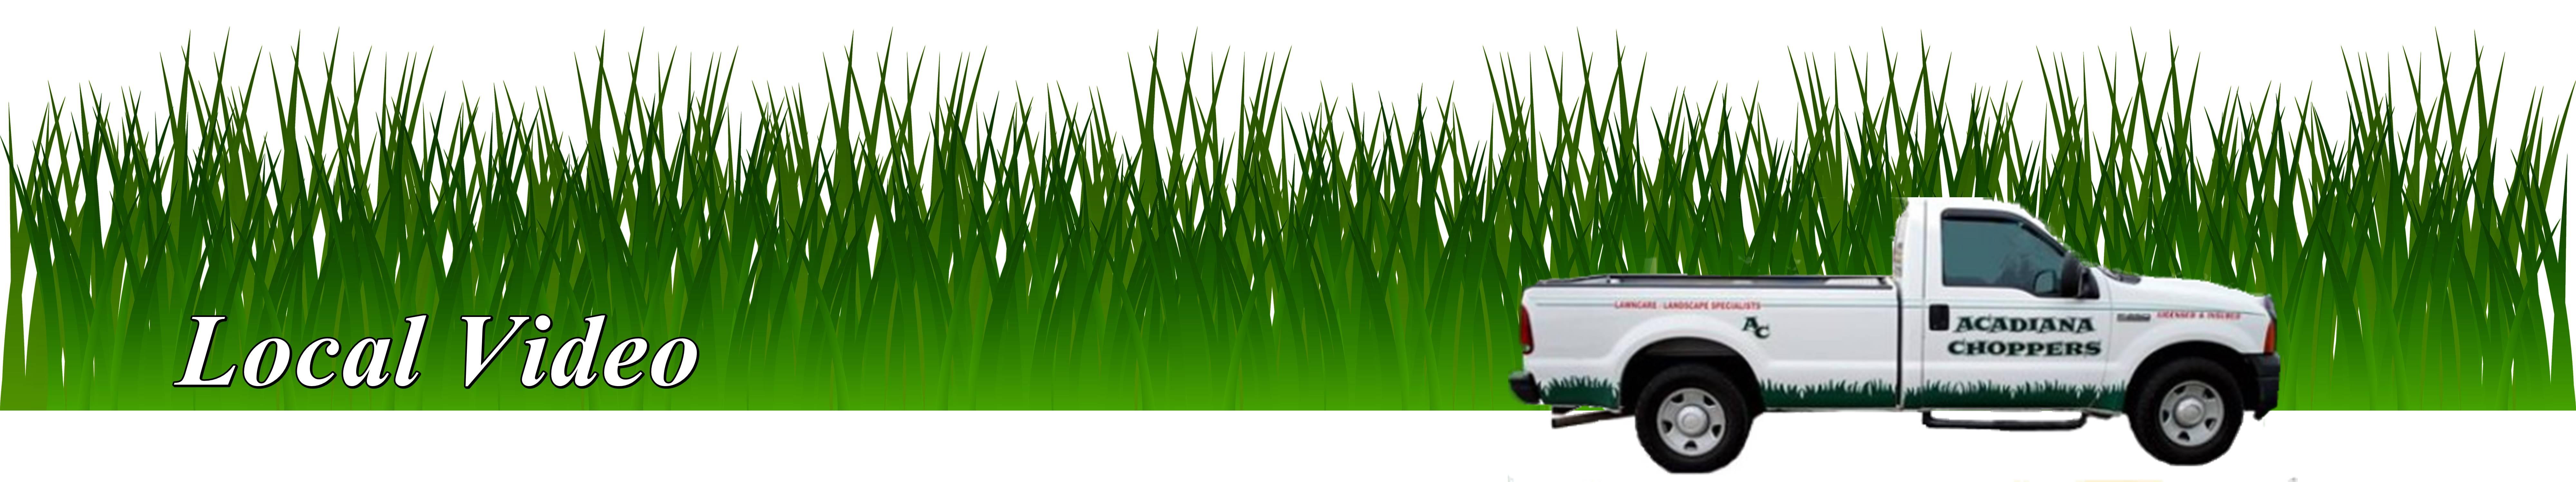 Lawn & Landscaping Video Lafayette LA